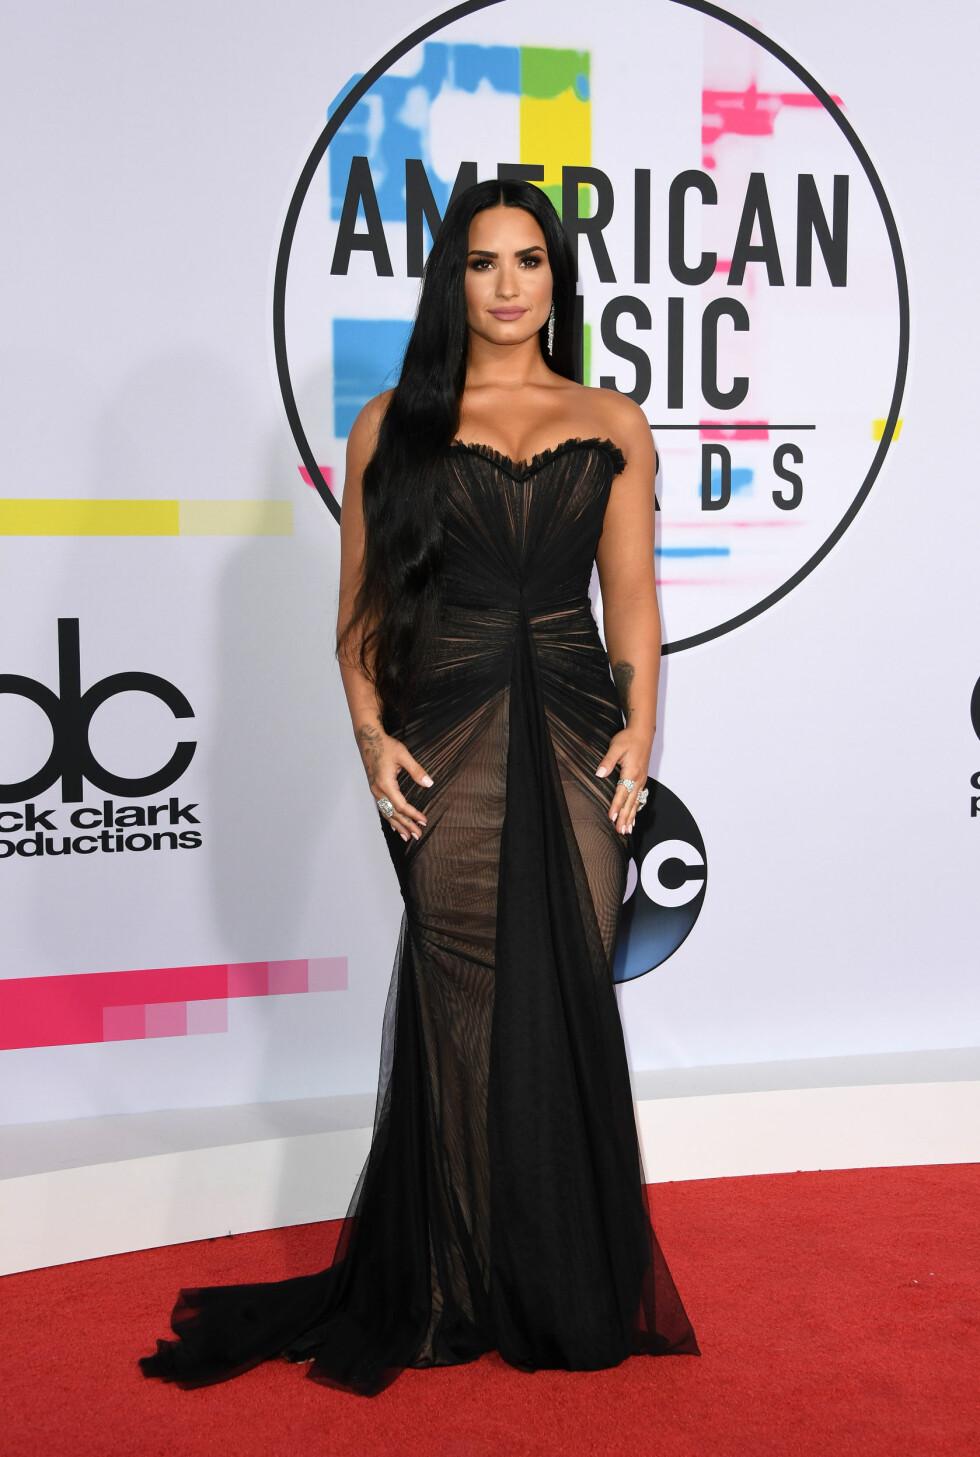 AMERICAN MUSIC AWARDS: Demi Lovato